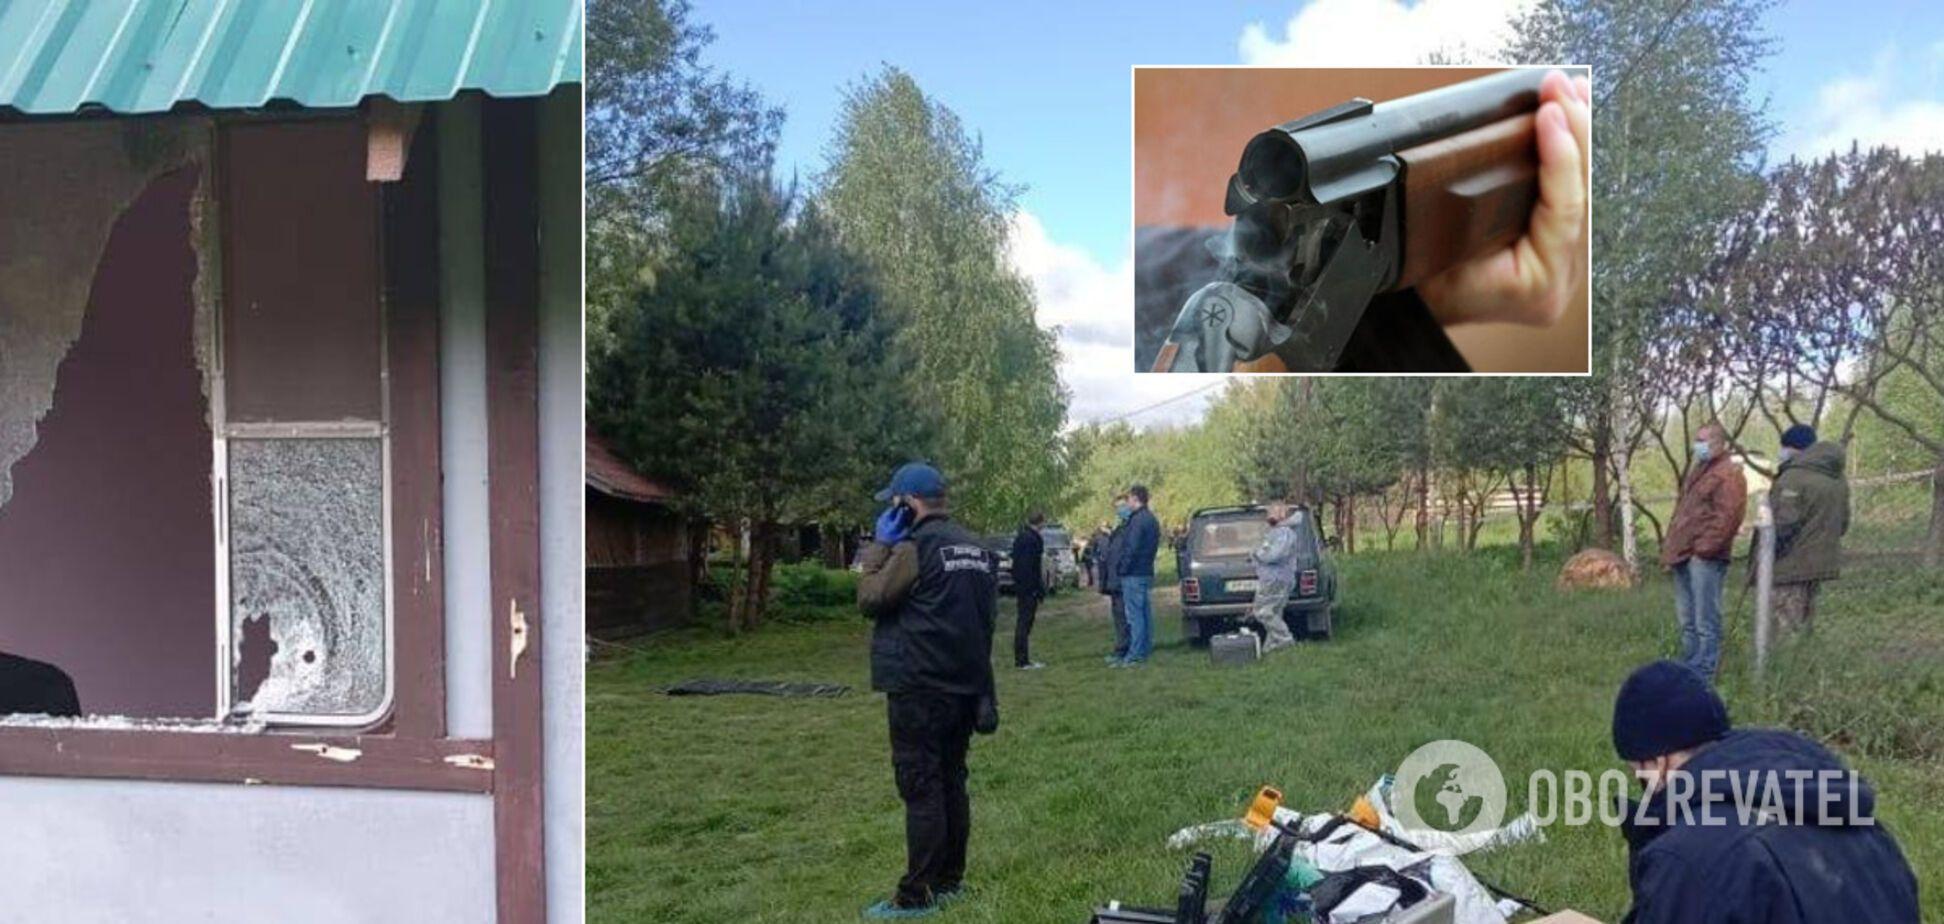 Масове вбивство на Житомирщині: голова ОДА відхилив версію з хабарем